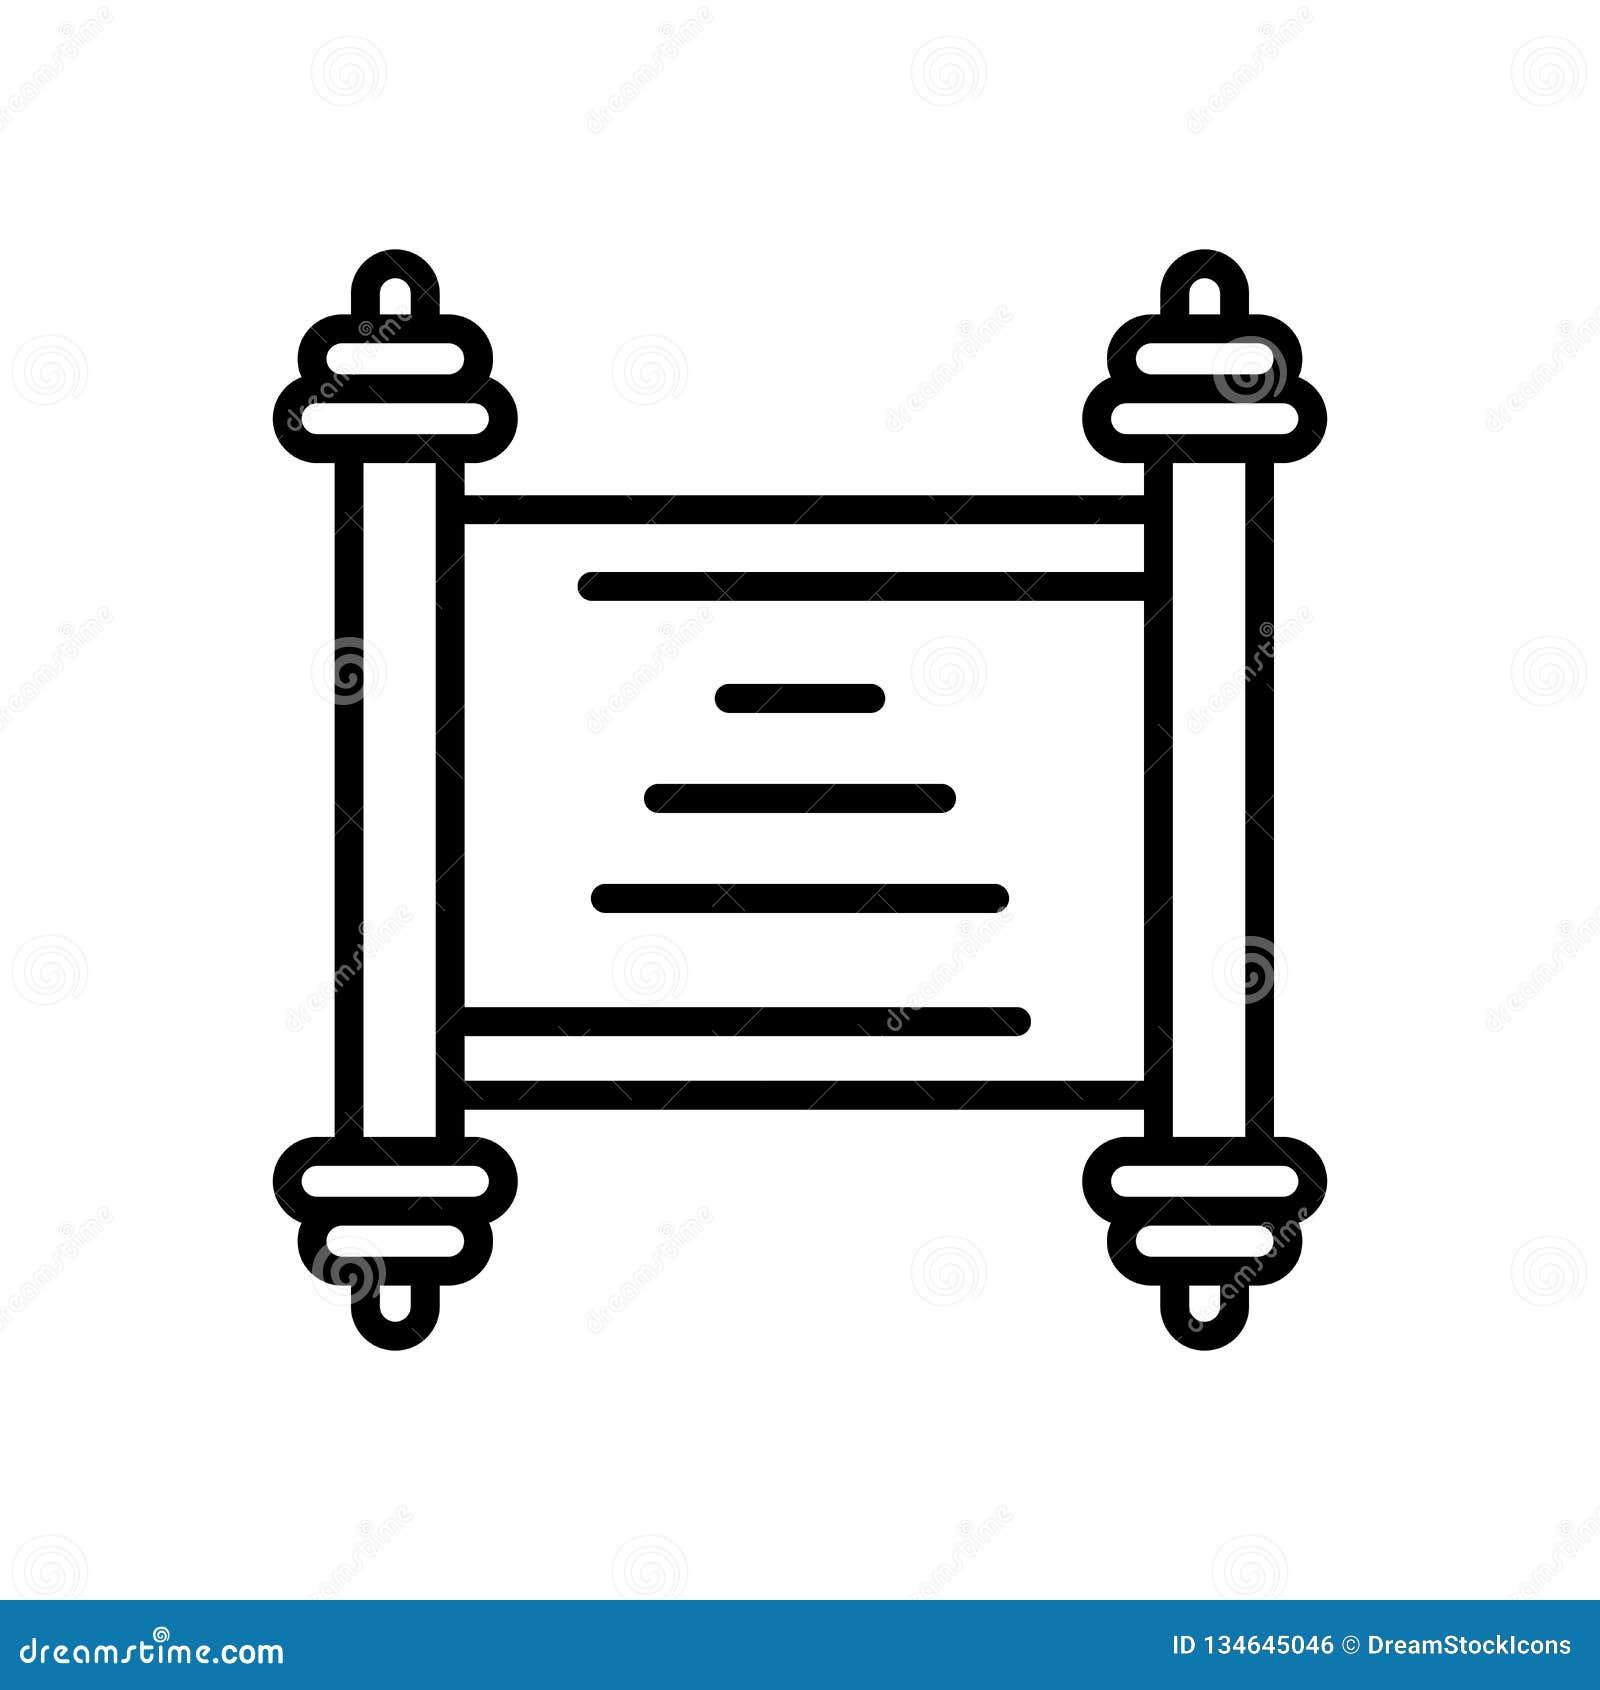 Verzeichnen Sie den Ikonenvektor in einer liste, der auf weißem Hintergrund, Rollenzeichen lokalisiert wird